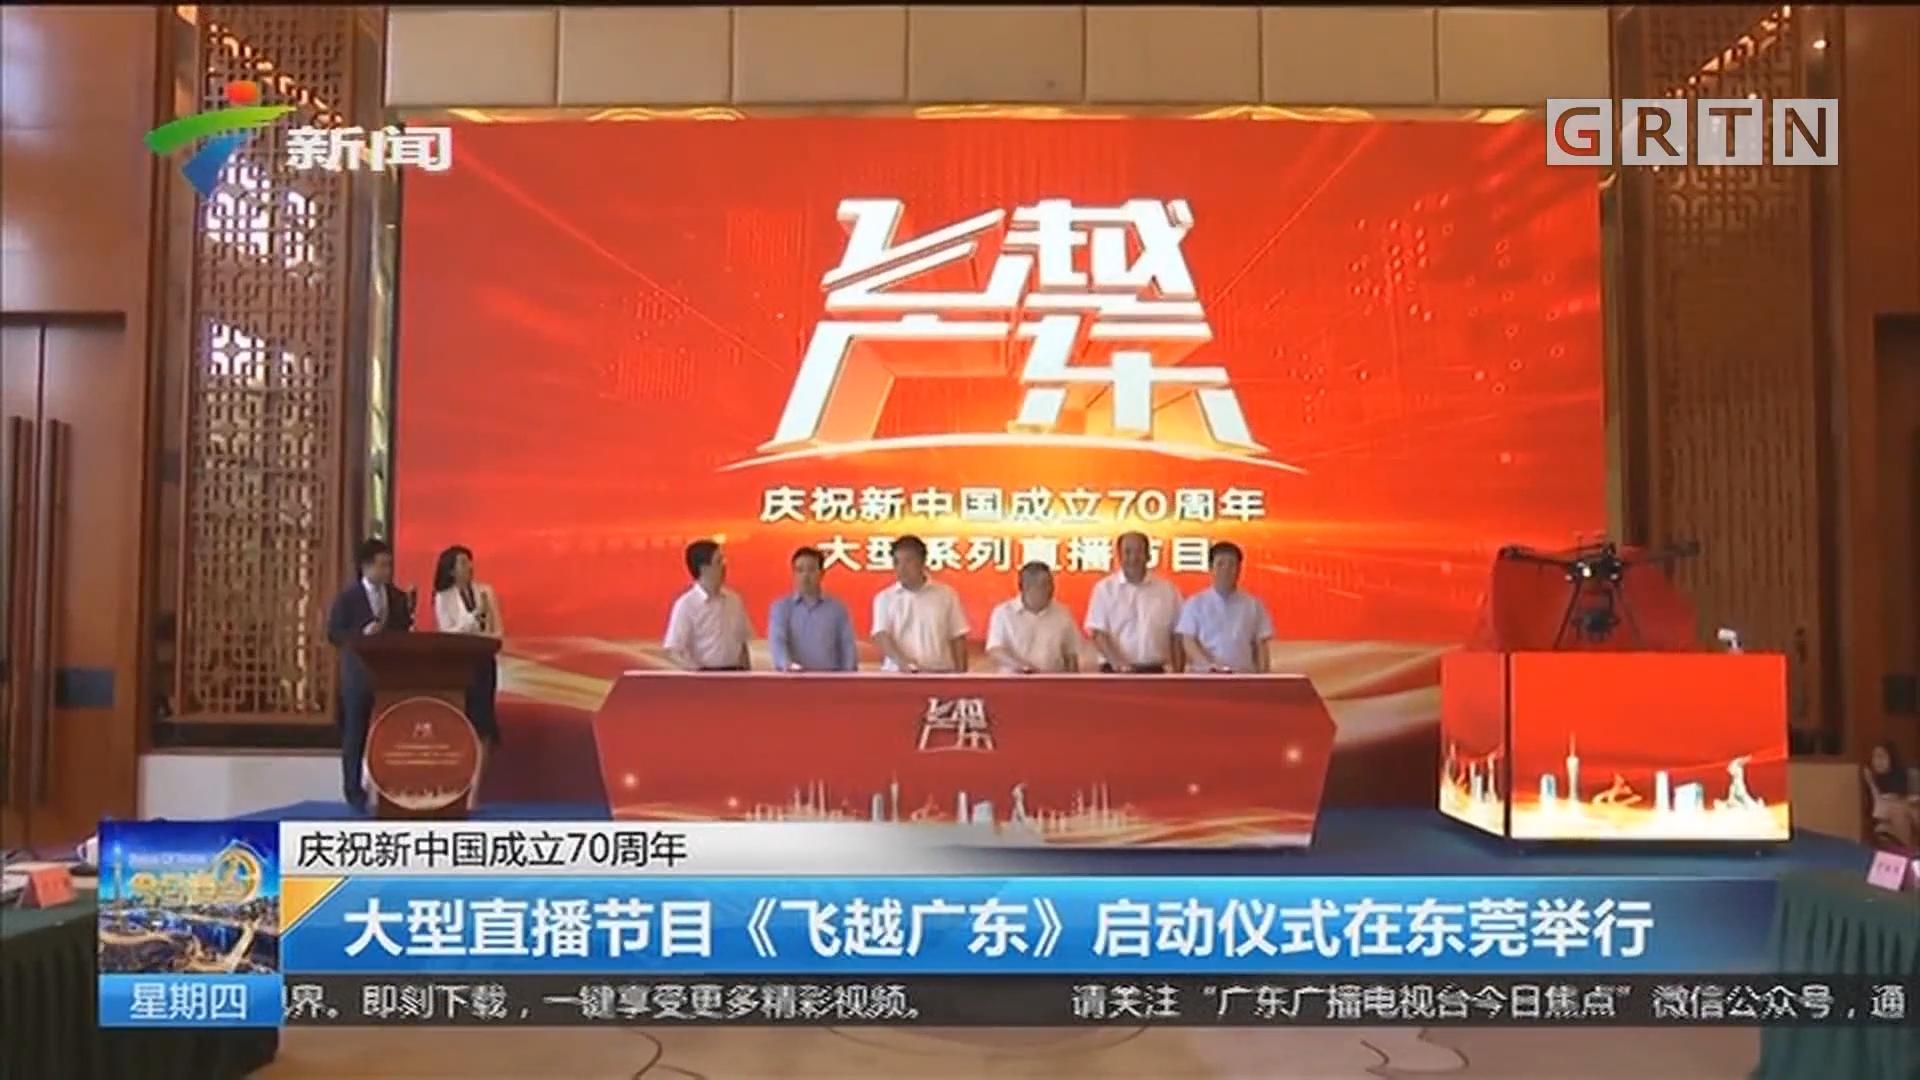 慶祝新中國成立70周年 大型直播節目《飛越廣東》啟動儀式在東莞舉行